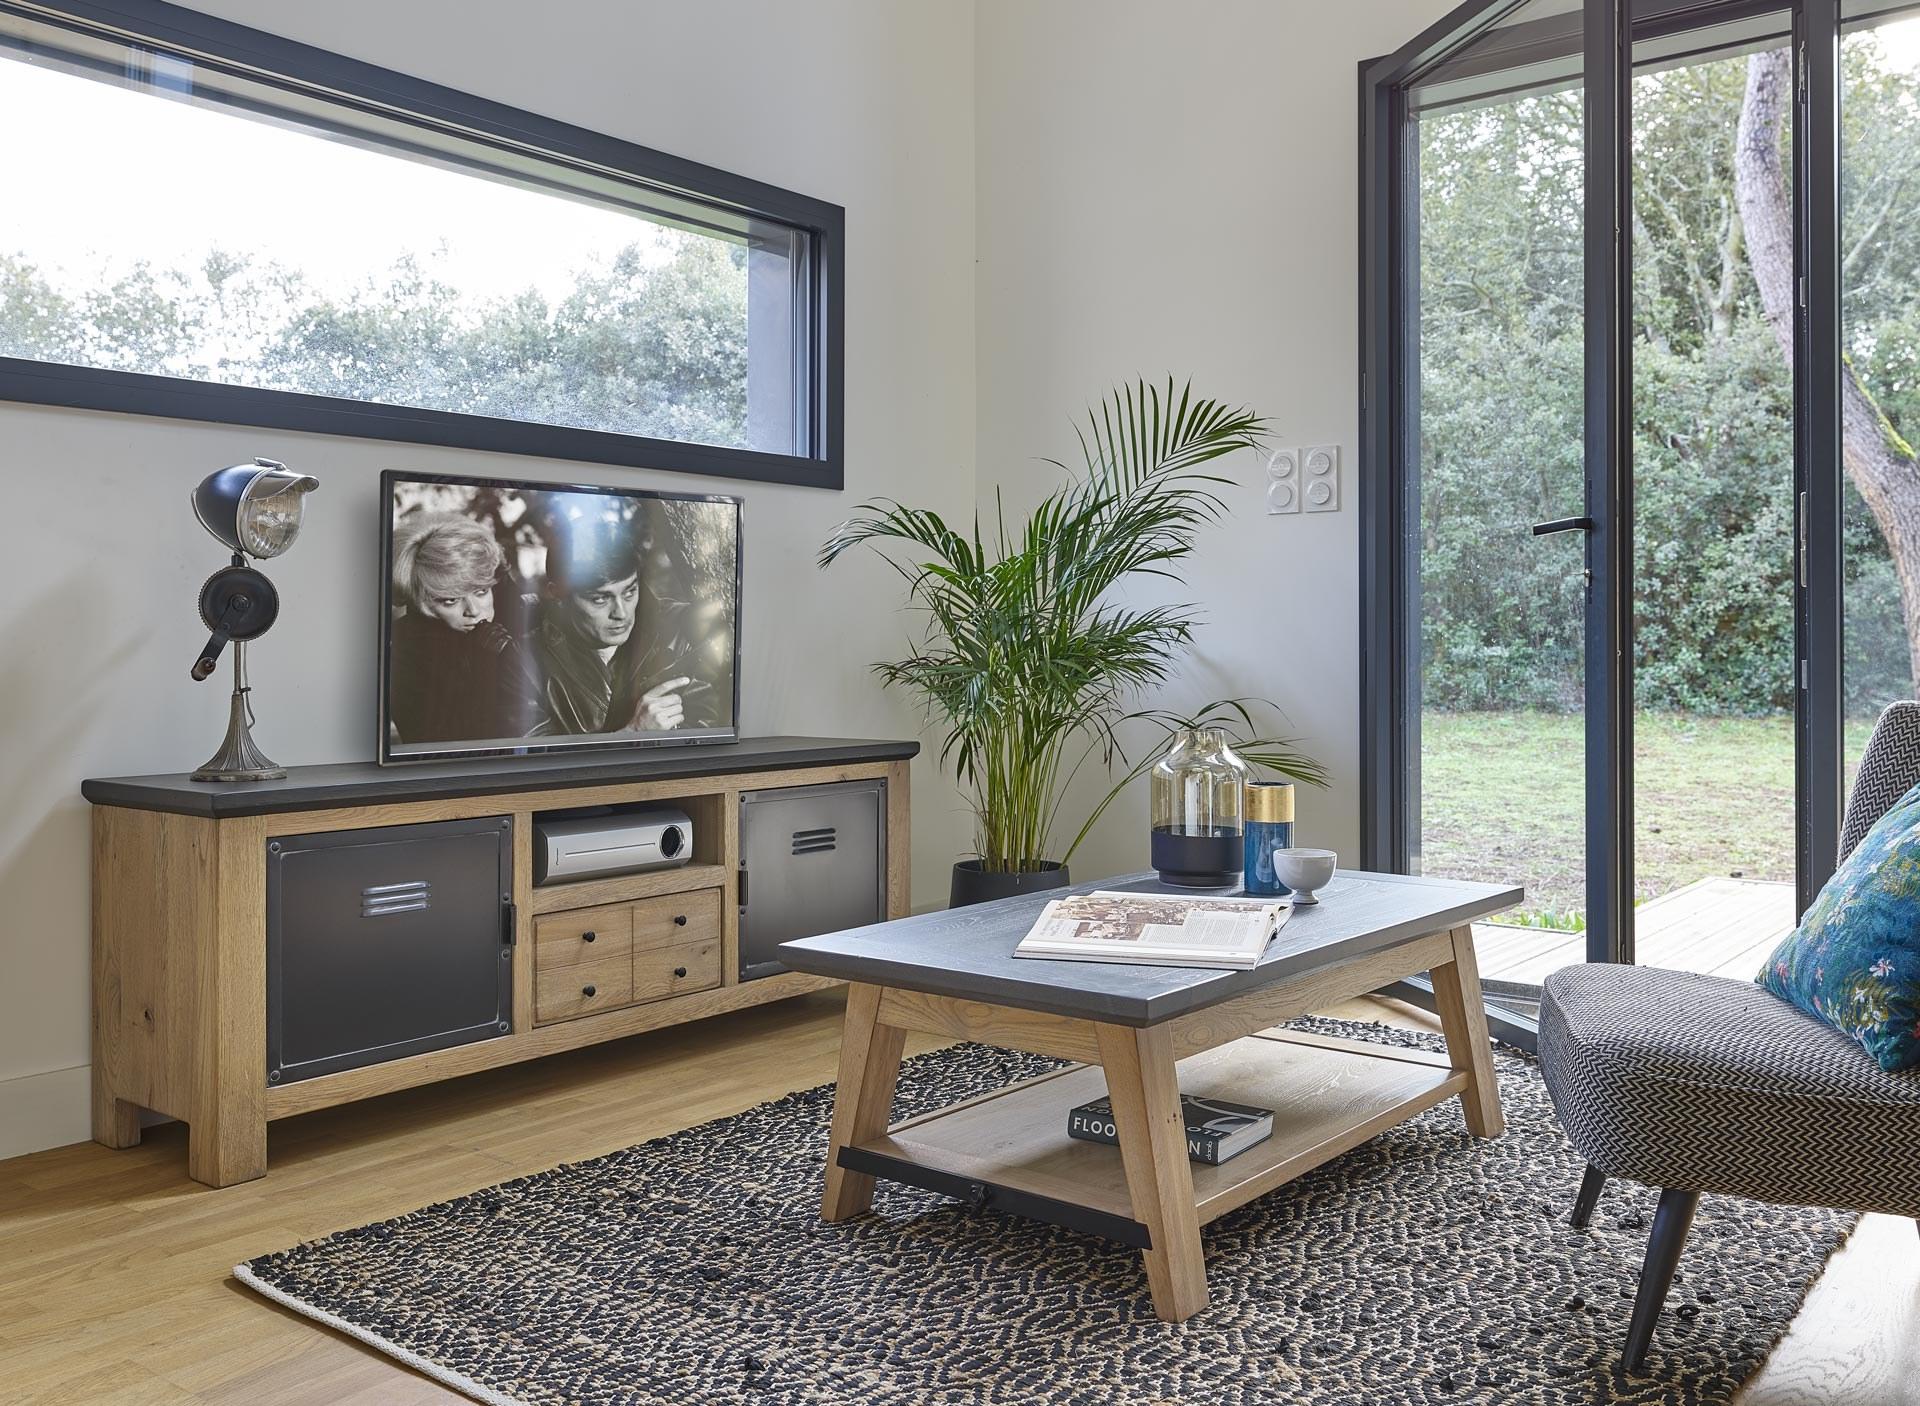 madison meuble tv 1 porte metal